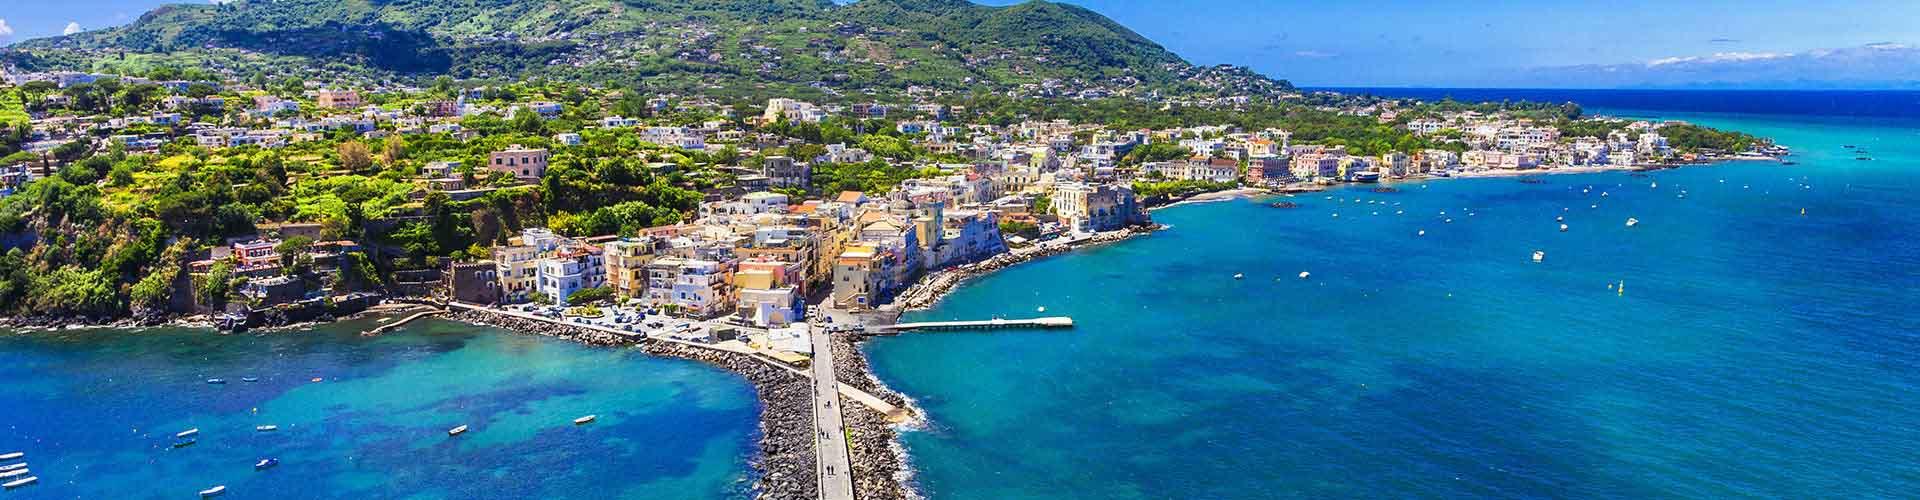 Ischia - Auberges de jeunesse à Ischia. Cartes pour Ischia, photos et commentaires pour chaque auberge de jeunesse à Ischia.